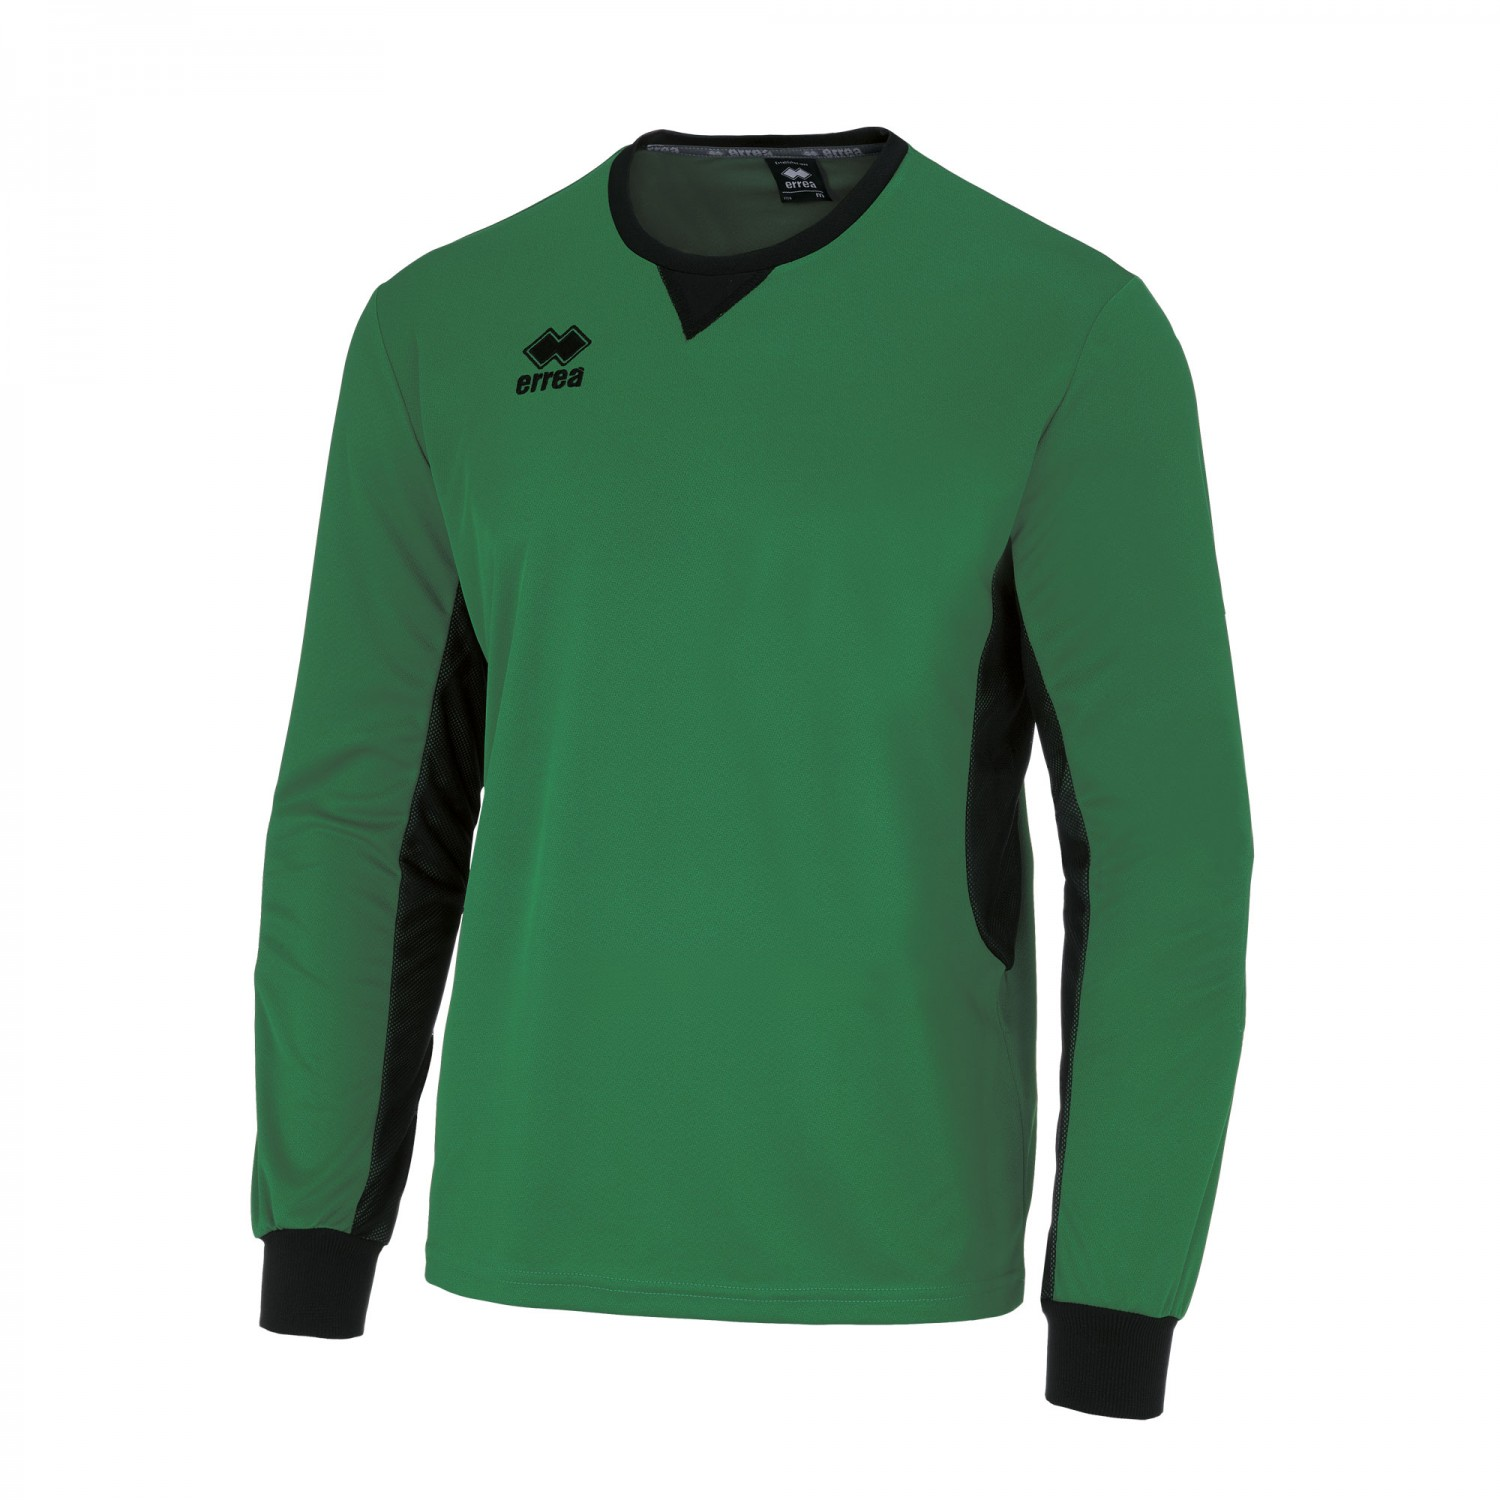 Leiknir - Goalkeeper Shirt